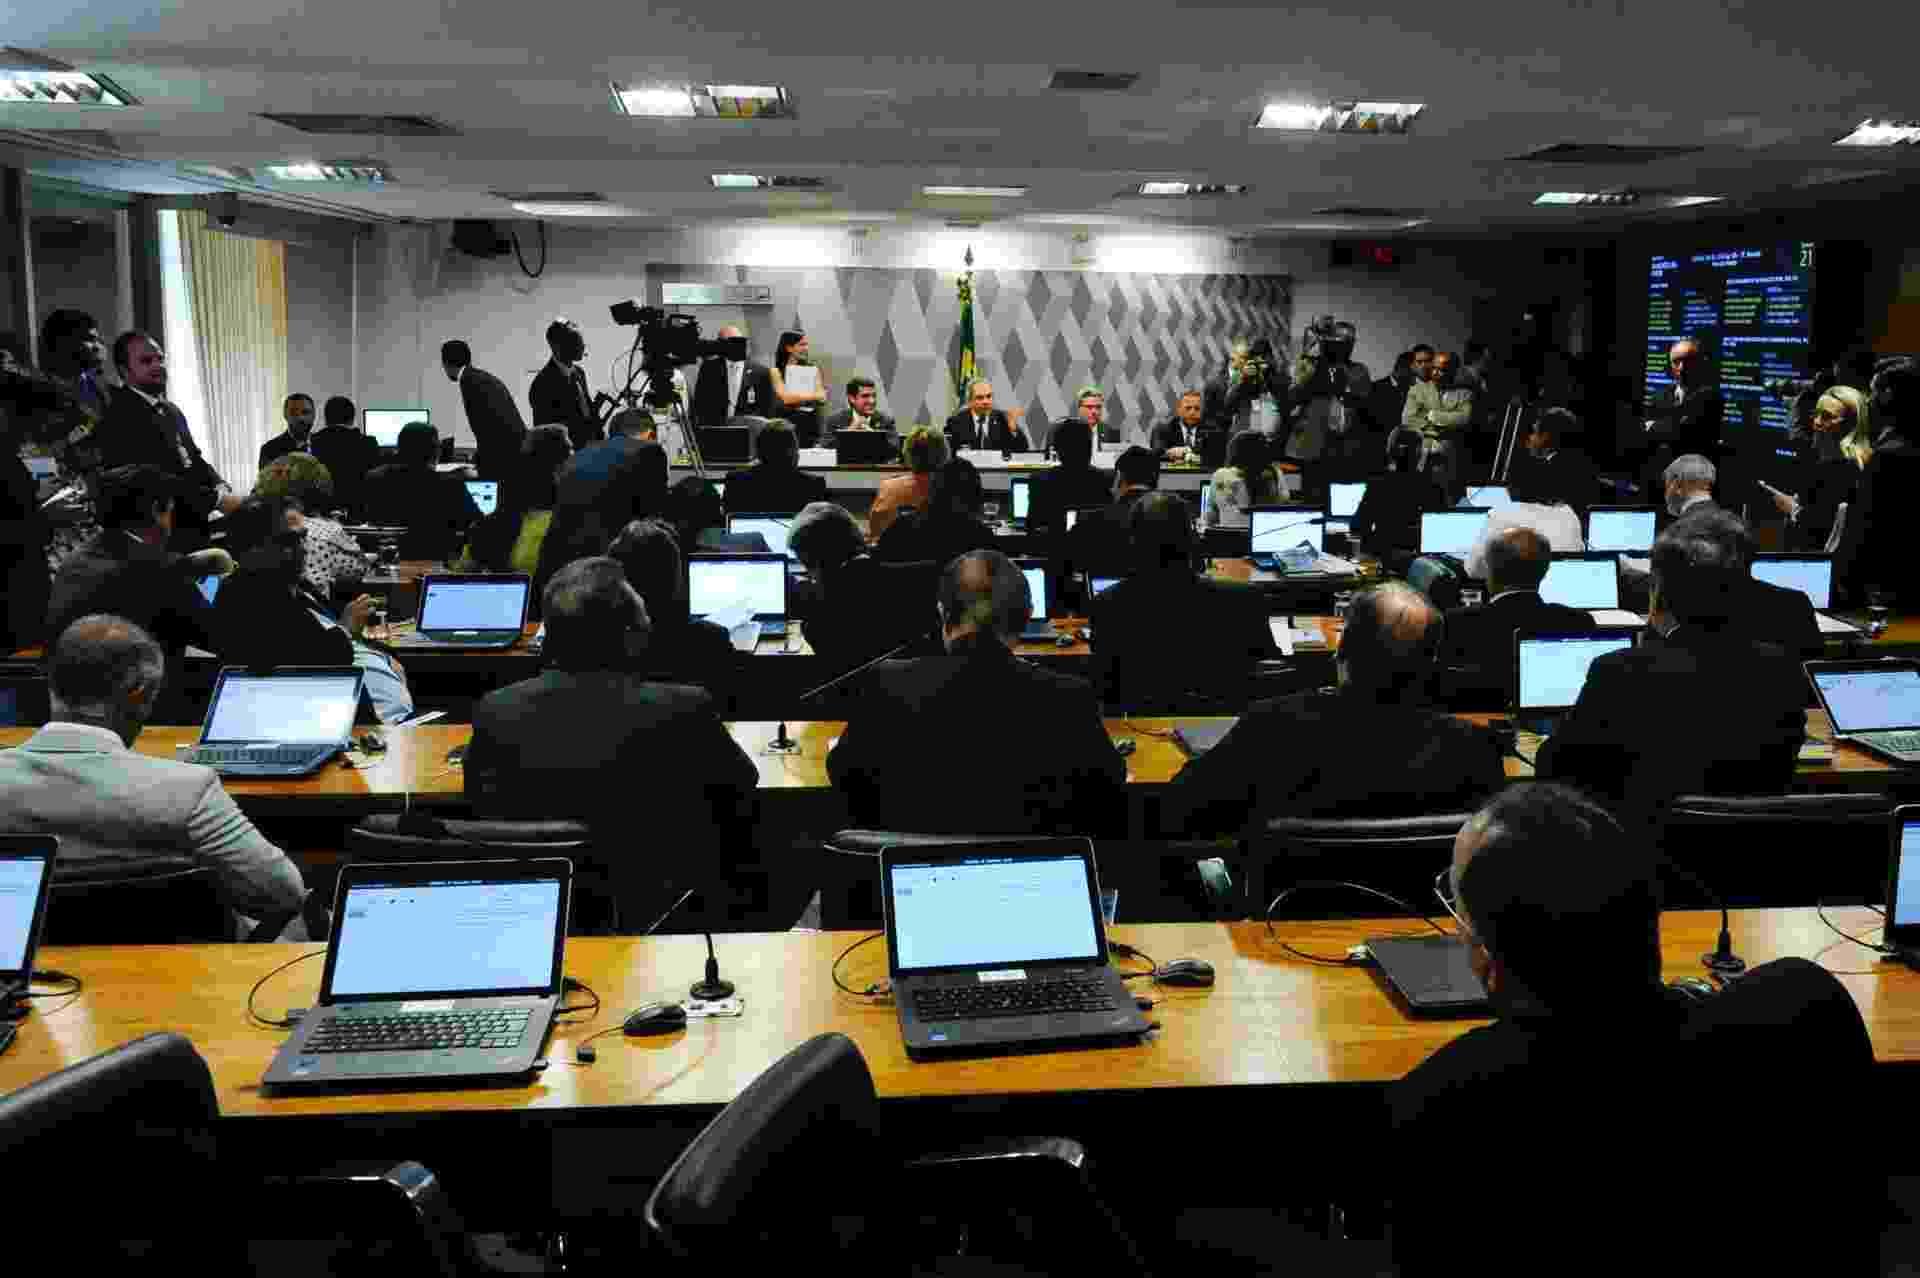 6.mai.2016 - Senadores acompanham votação da comissão do impeachment no Senado sobre o parecer do relator Antonio Anastasia (PSDB), favorável à admissibilidade do processo contra a presidente Dilma Rousseff - Geraldo Magela/Agência Senado